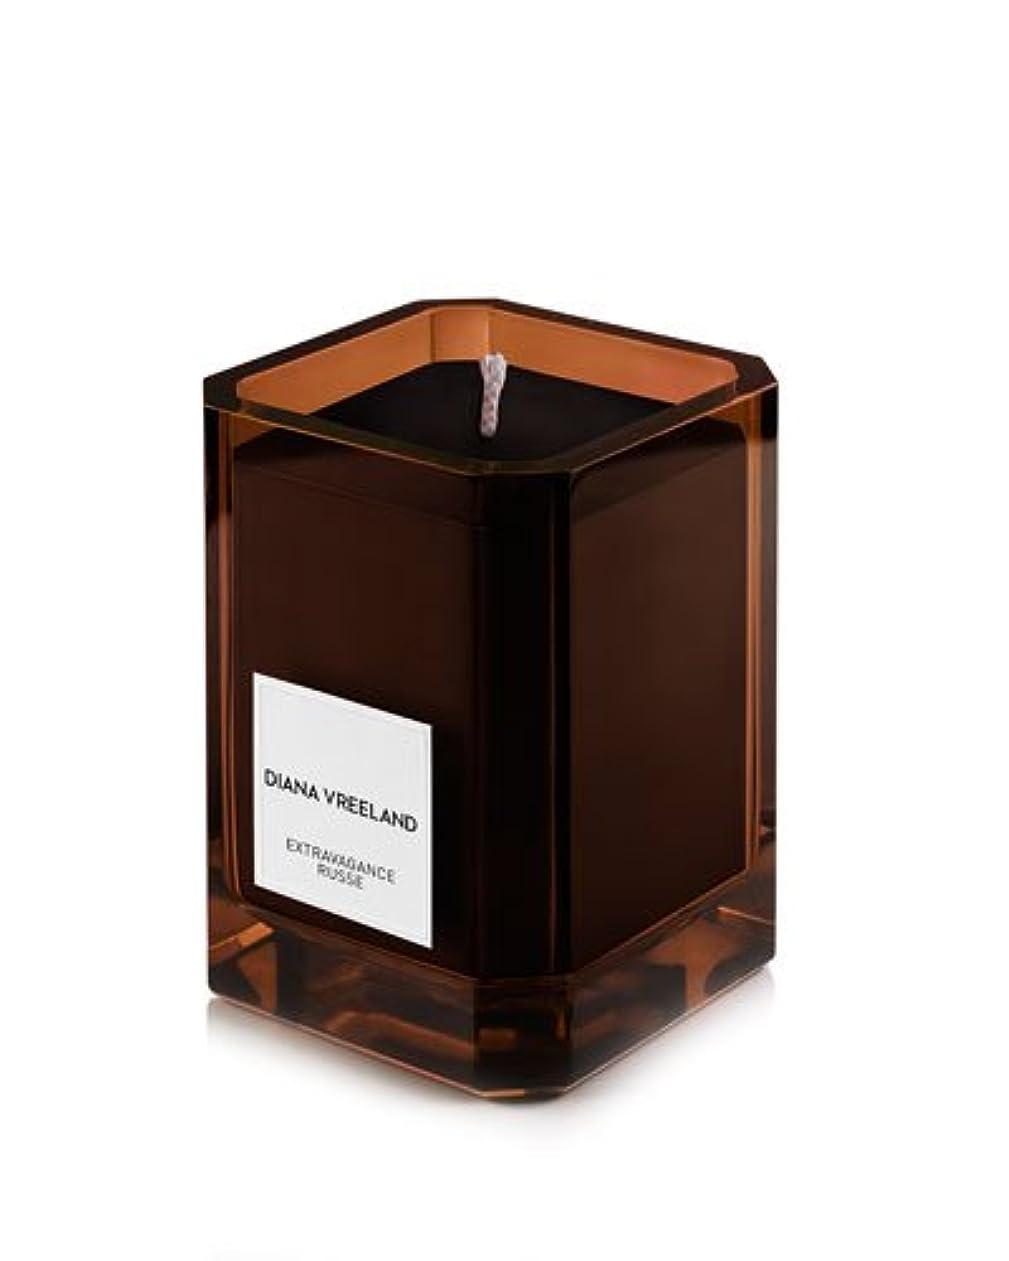 プロフィール発行する変装Diana Vreeland Extravagance Russe(ダイアナ ヴリーランド エクストラバガンス リュス) 9.7 oz (291ml) Candle (香りつきキャンドル)